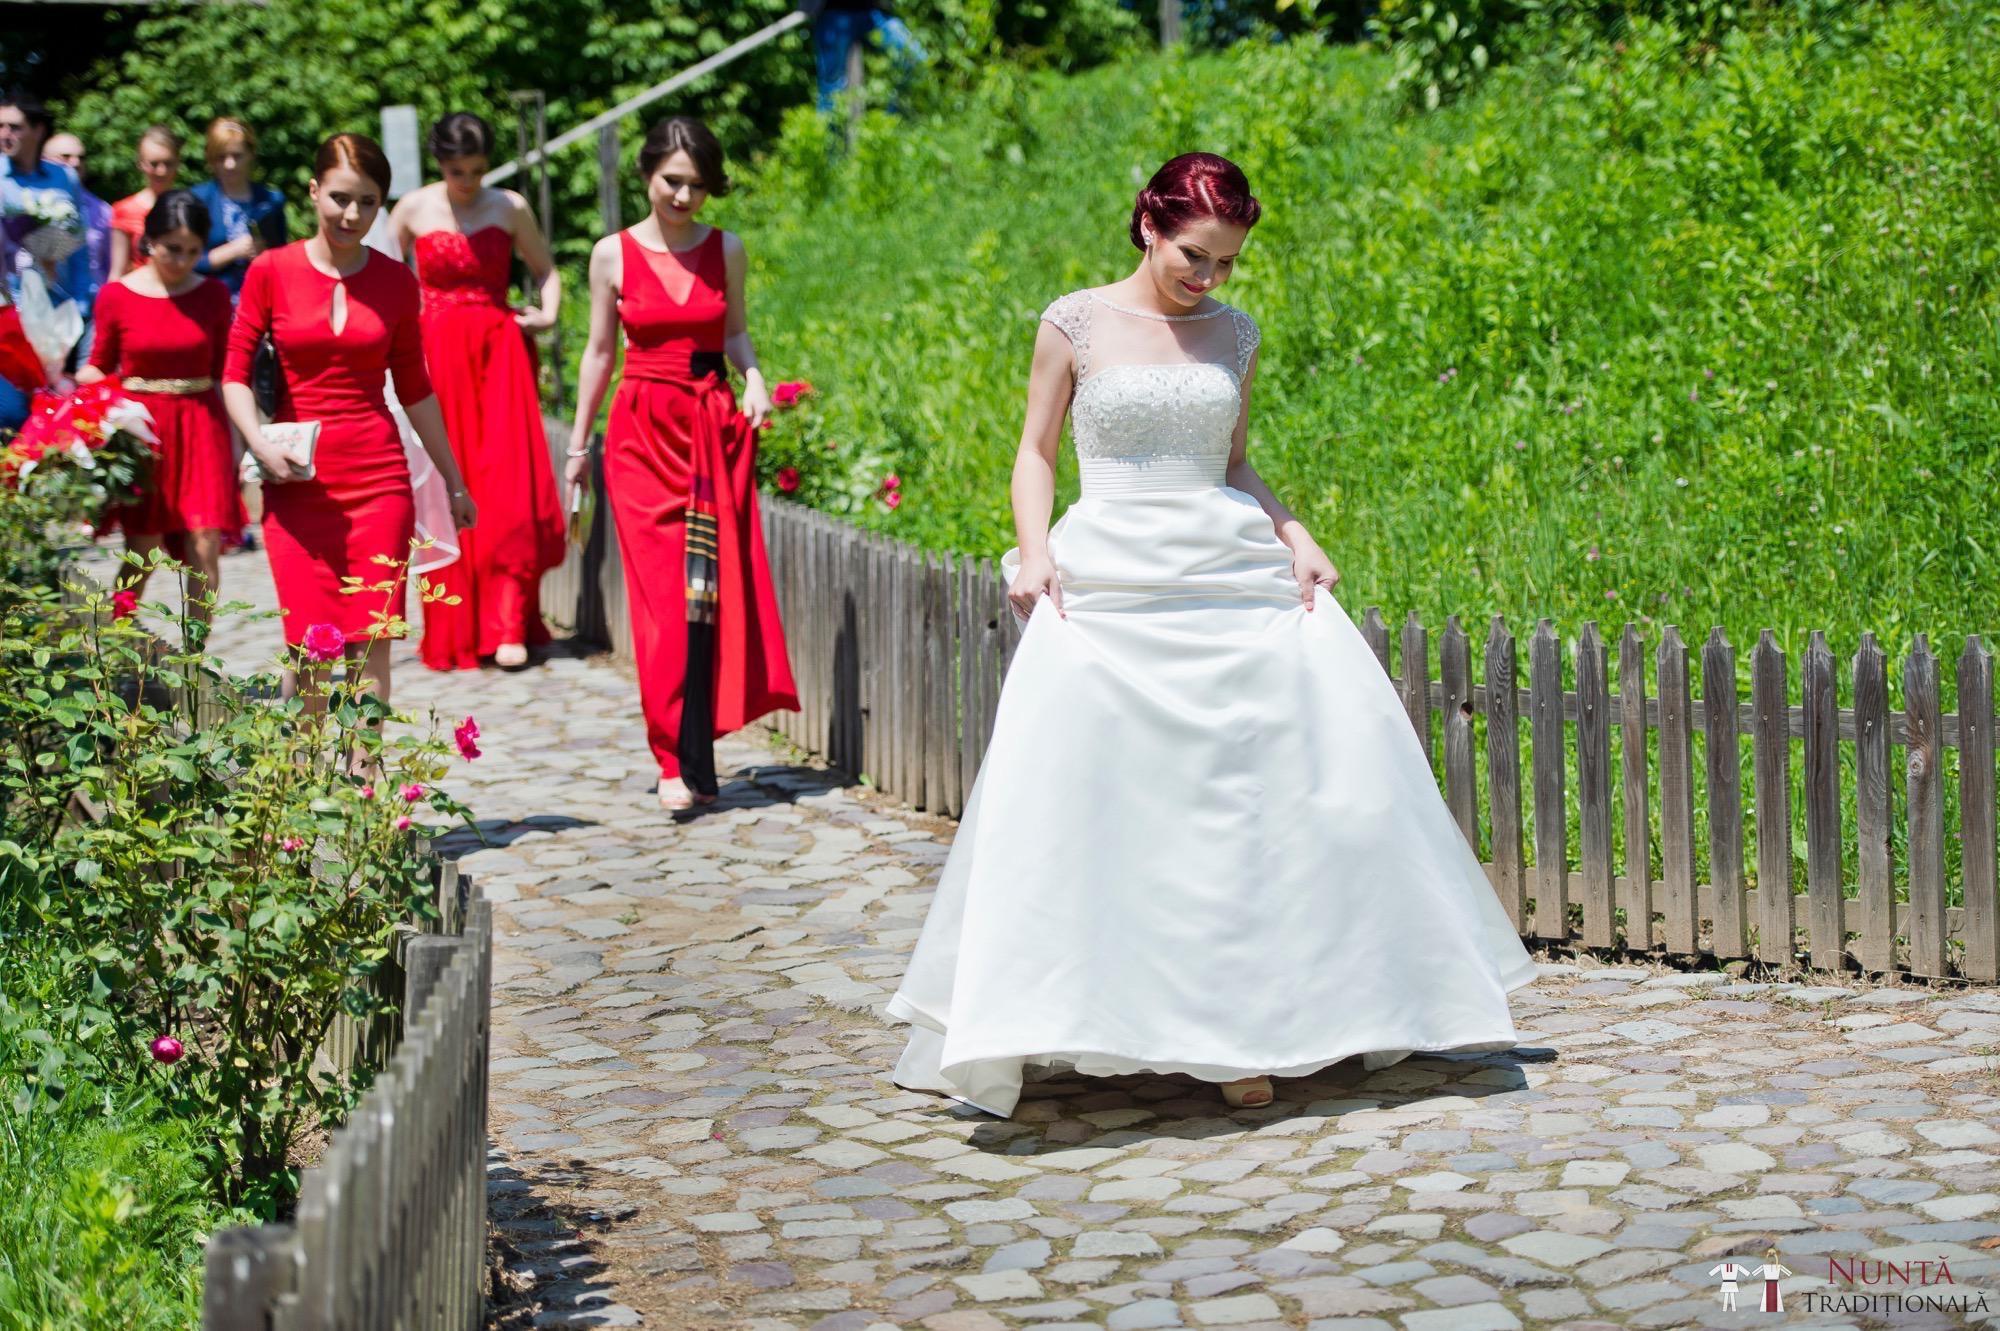 Povești Nunți Tradiționale - Gabriela și Mădălin - Nuntă Tradițională în Suceava, Bucovina 114